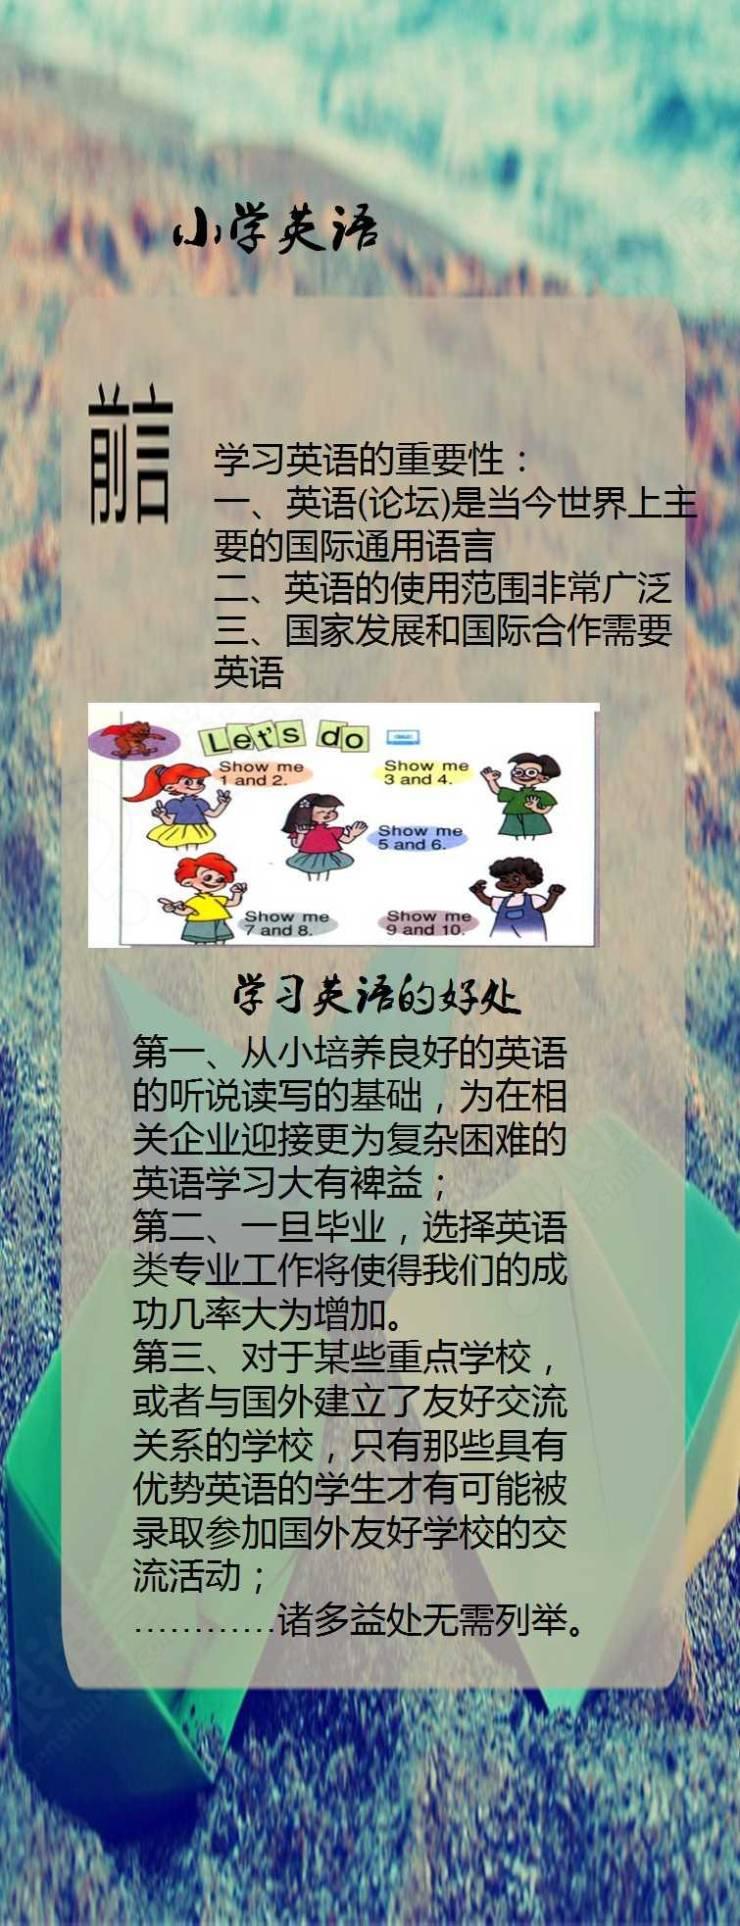 鹤城区卢萍的地图